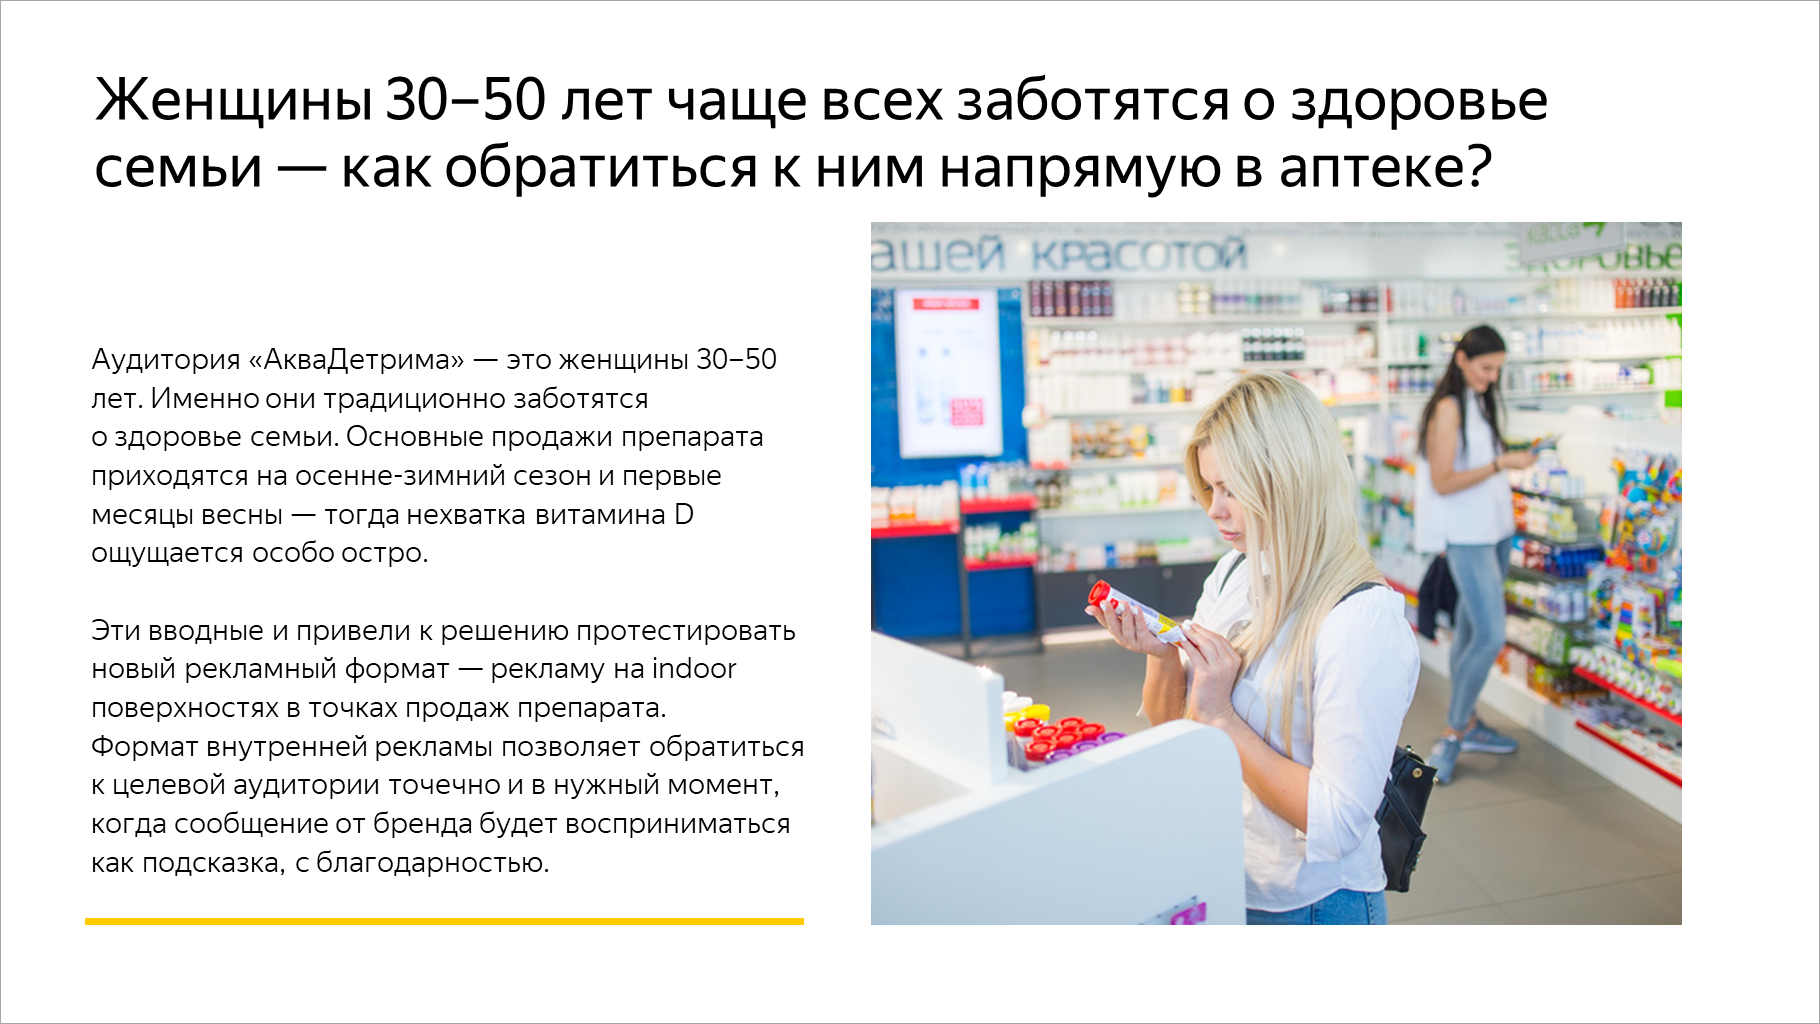 Женщины 30–50 лет чаще всех заботятся о здоровье семьи — как обратиться к ним напрямую в аптеке?